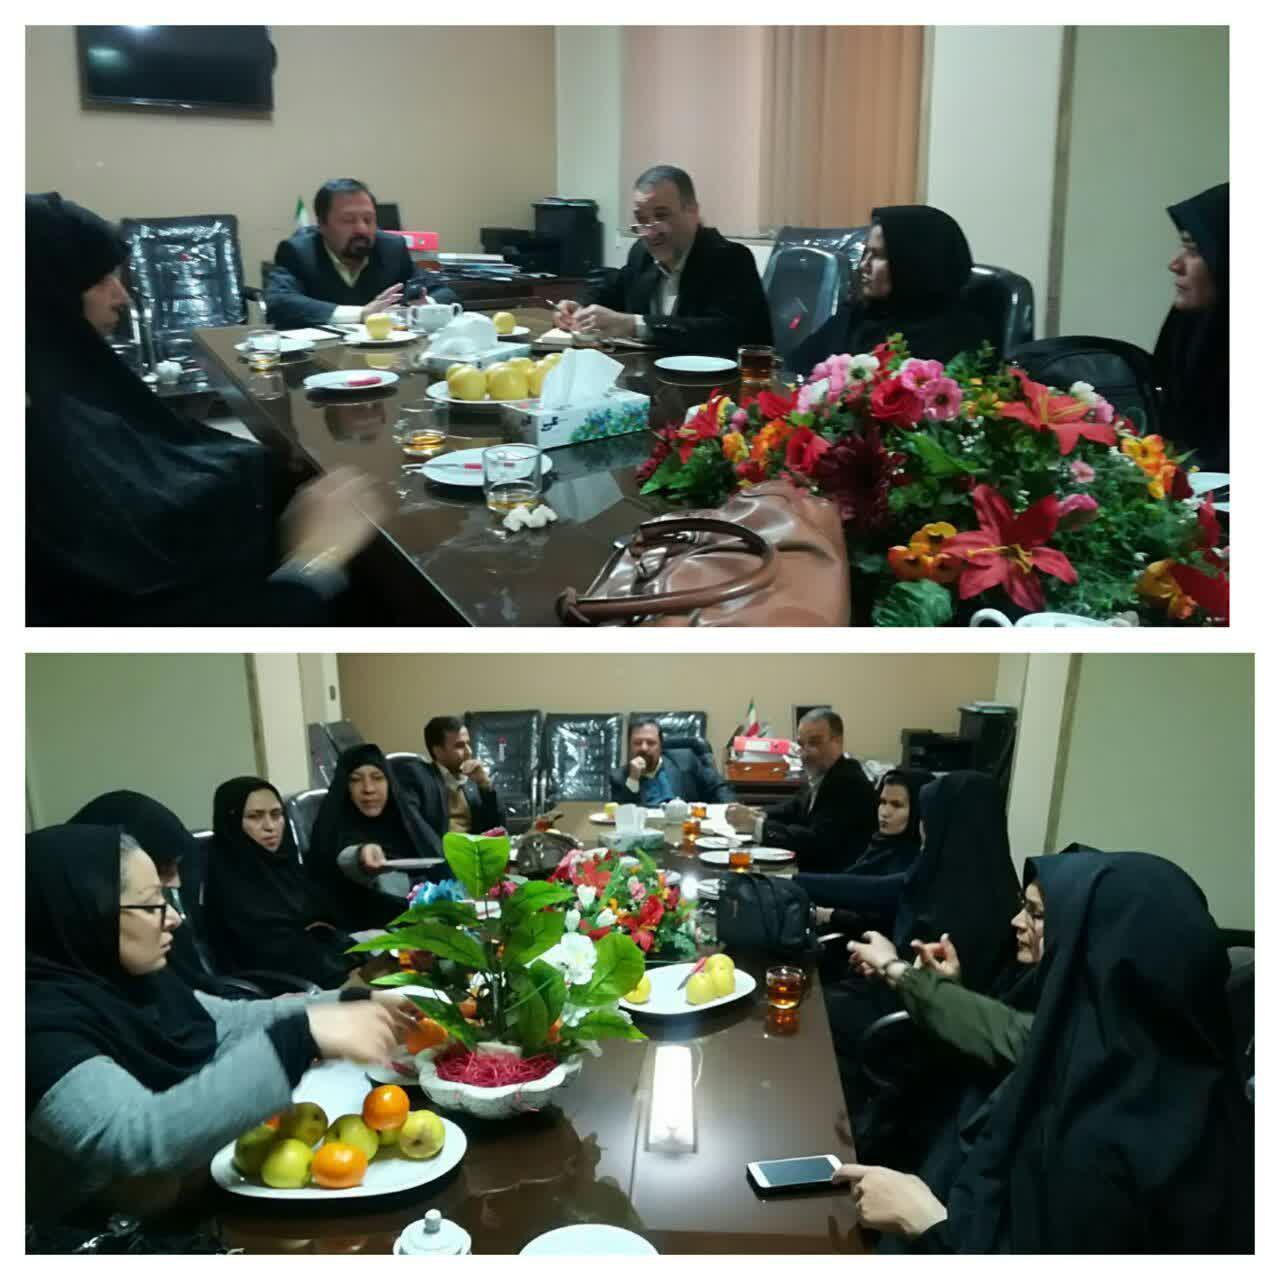 برگزاری نشست هم اندیشی بررسی مشکلات جاری و آسیب شناسی و ارائه راهکار مناسب در جهت ورود تعاونی زنان به عرصه تولید